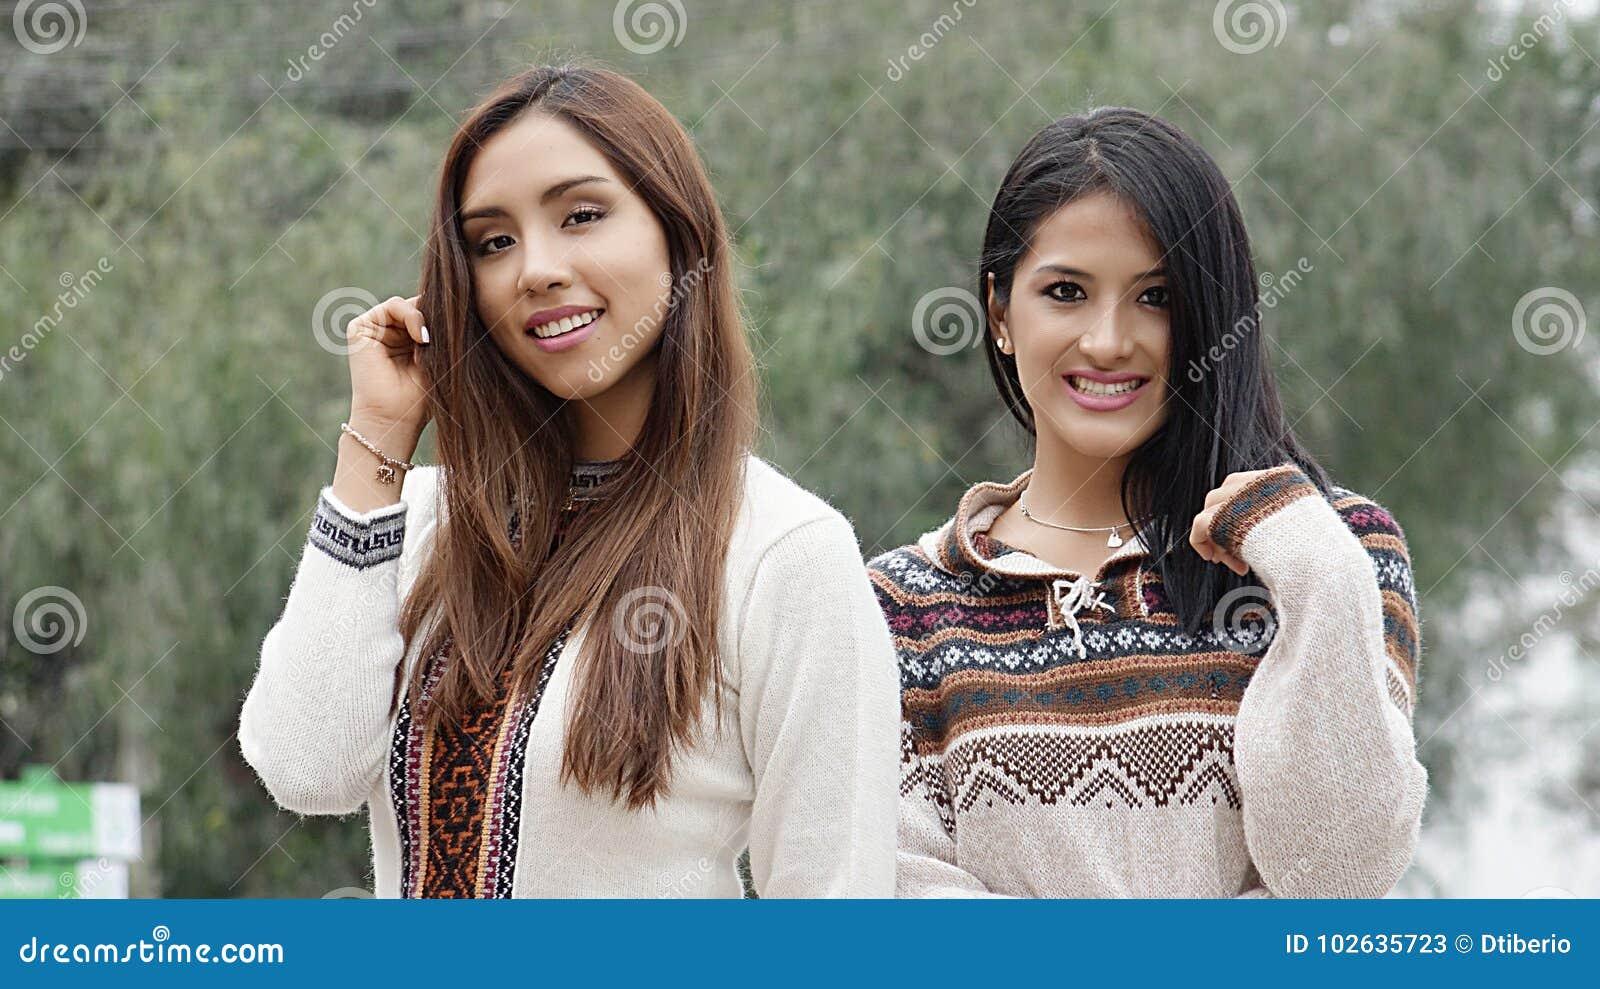 Adult latina women